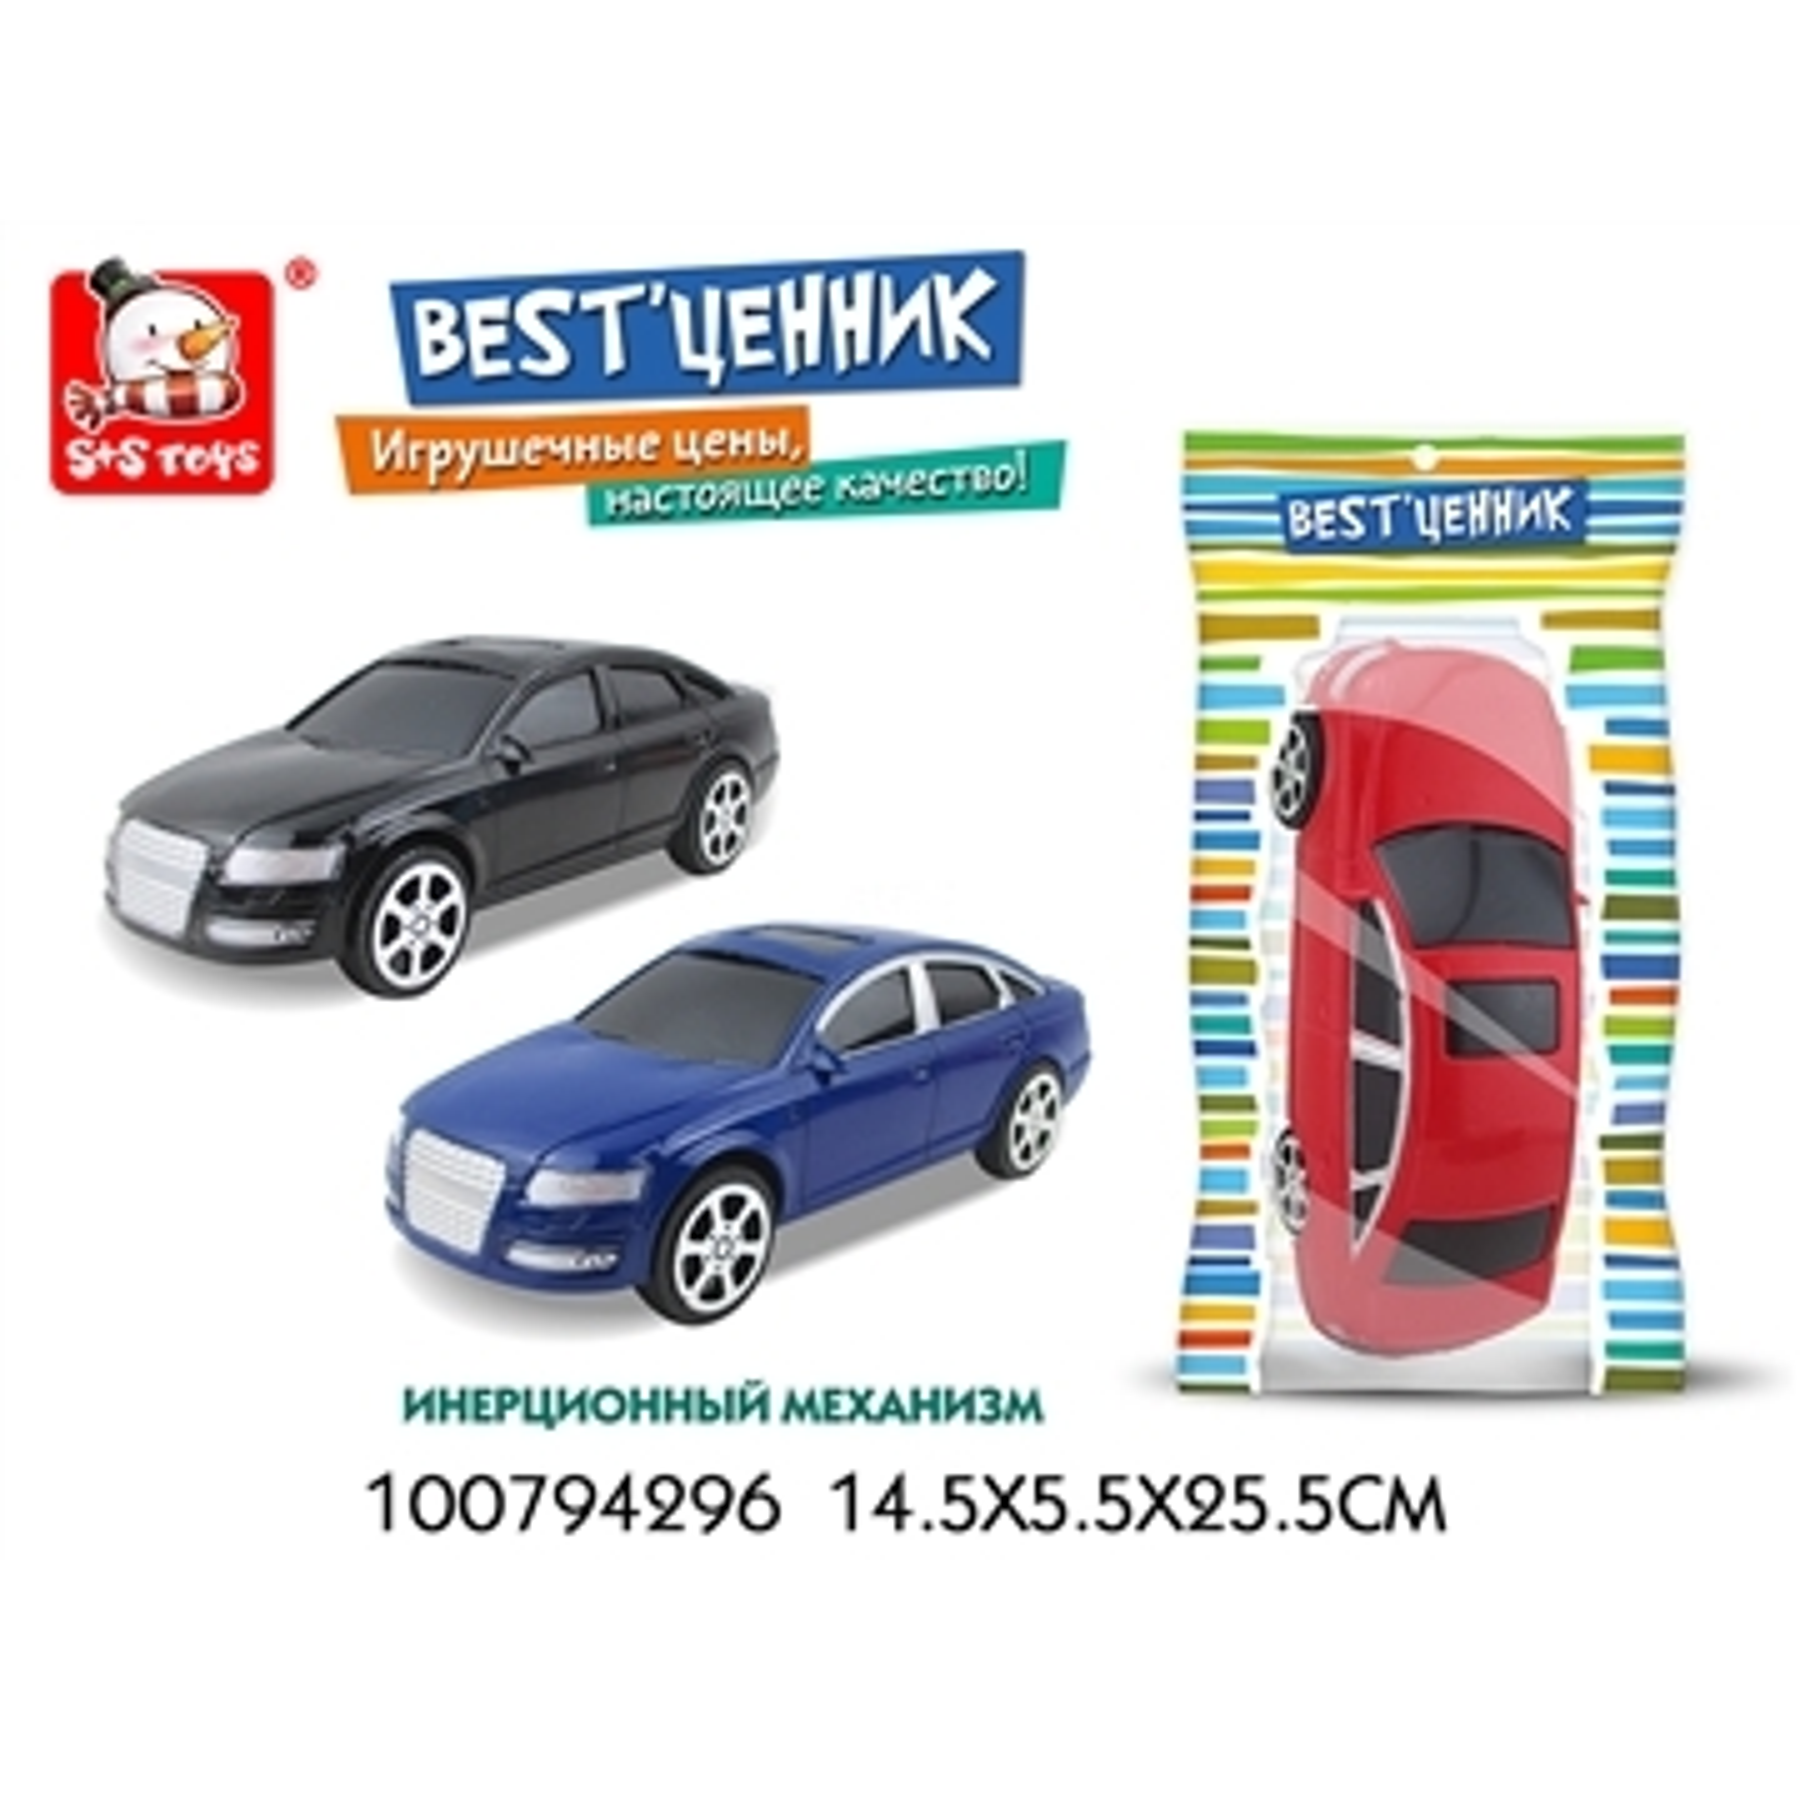 Машинка инерционная седан (тип ауди) 100794296 (50447)